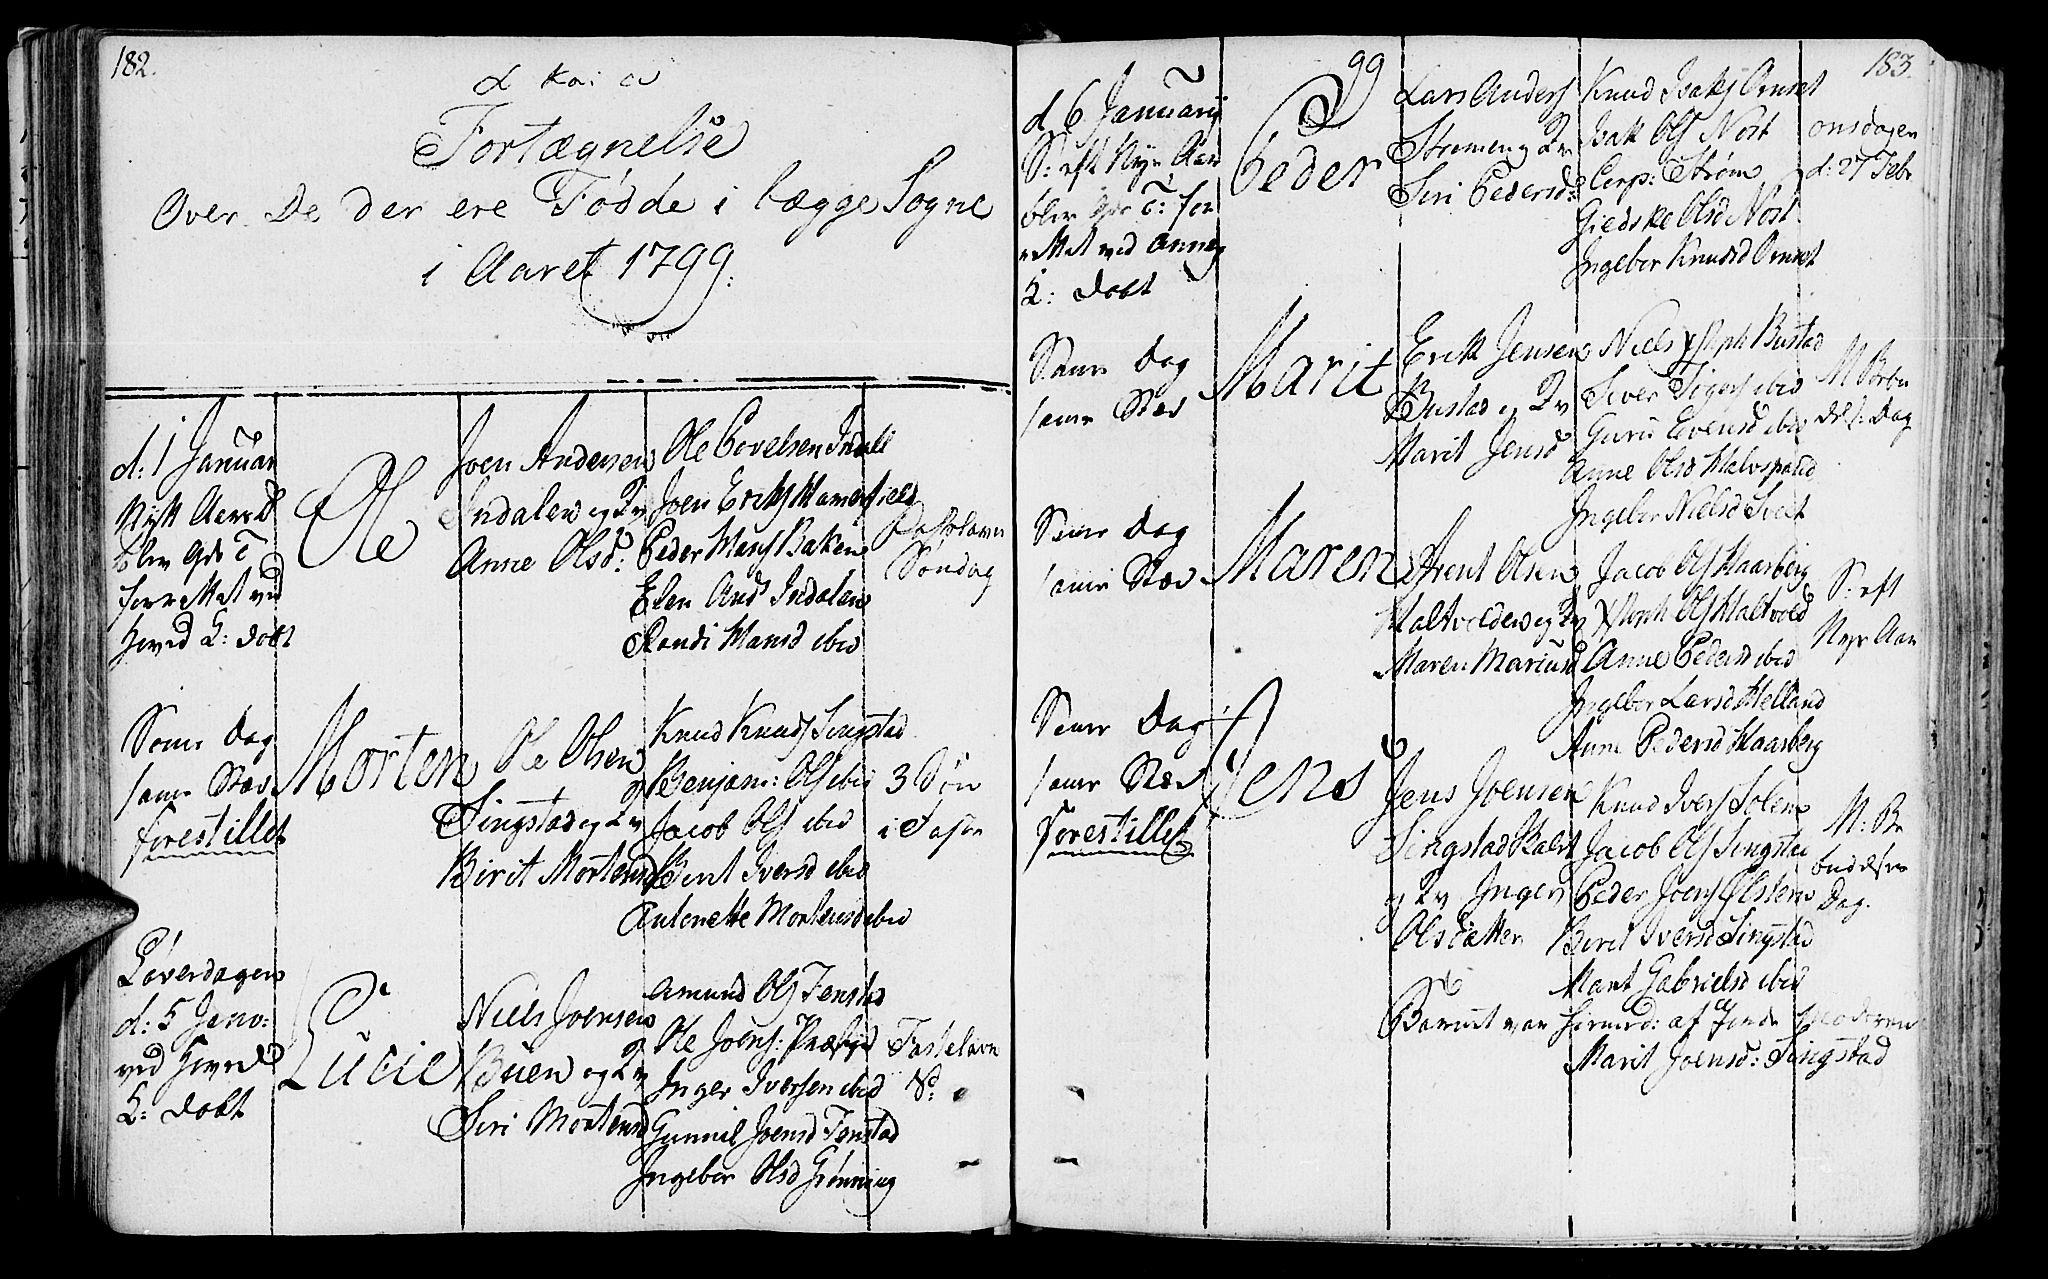 SAT, Ministerialprotokoller, klokkerbøker og fødselsregistre - Sør-Trøndelag, 646/L0606: Ministerialbok nr. 646A04, 1791-1805, s. 182-183